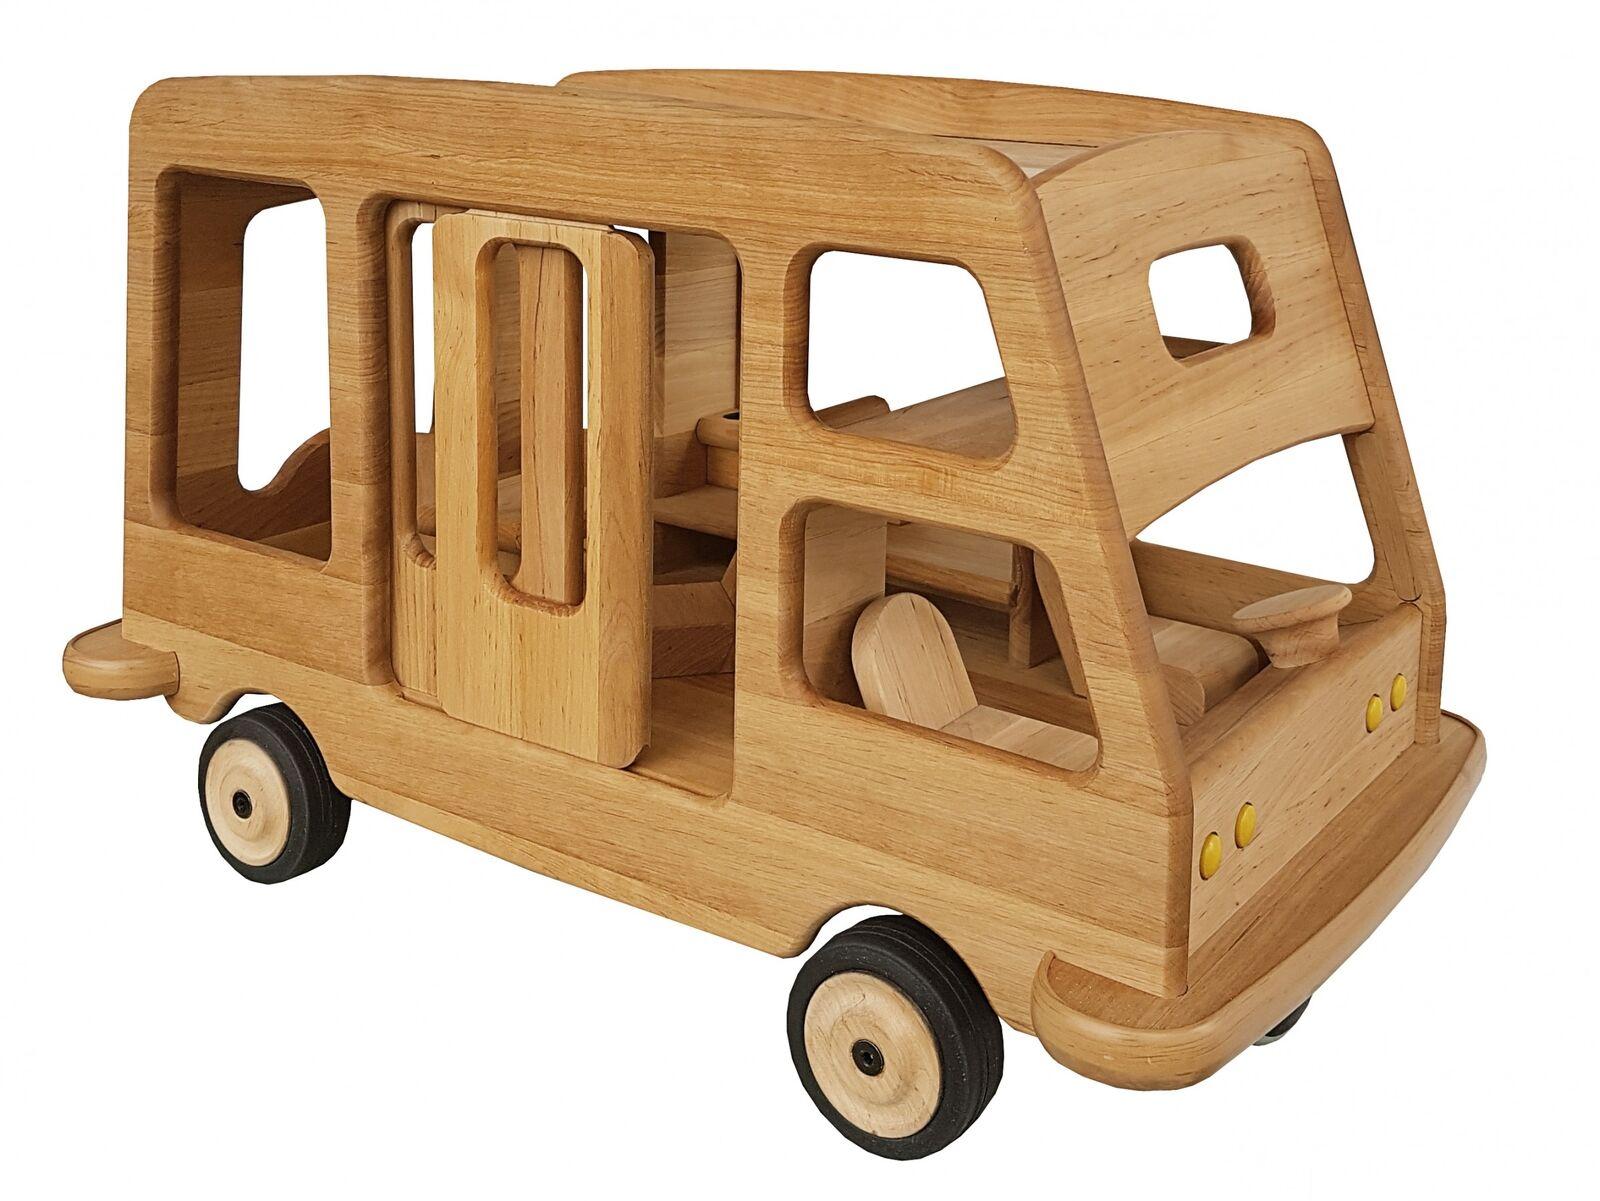 autorello da Campeggio Giocattolo in legno CAMPER ROULOTTE  Drewart Legno Massiccio 931-5000  stanno facendo attività di sconto